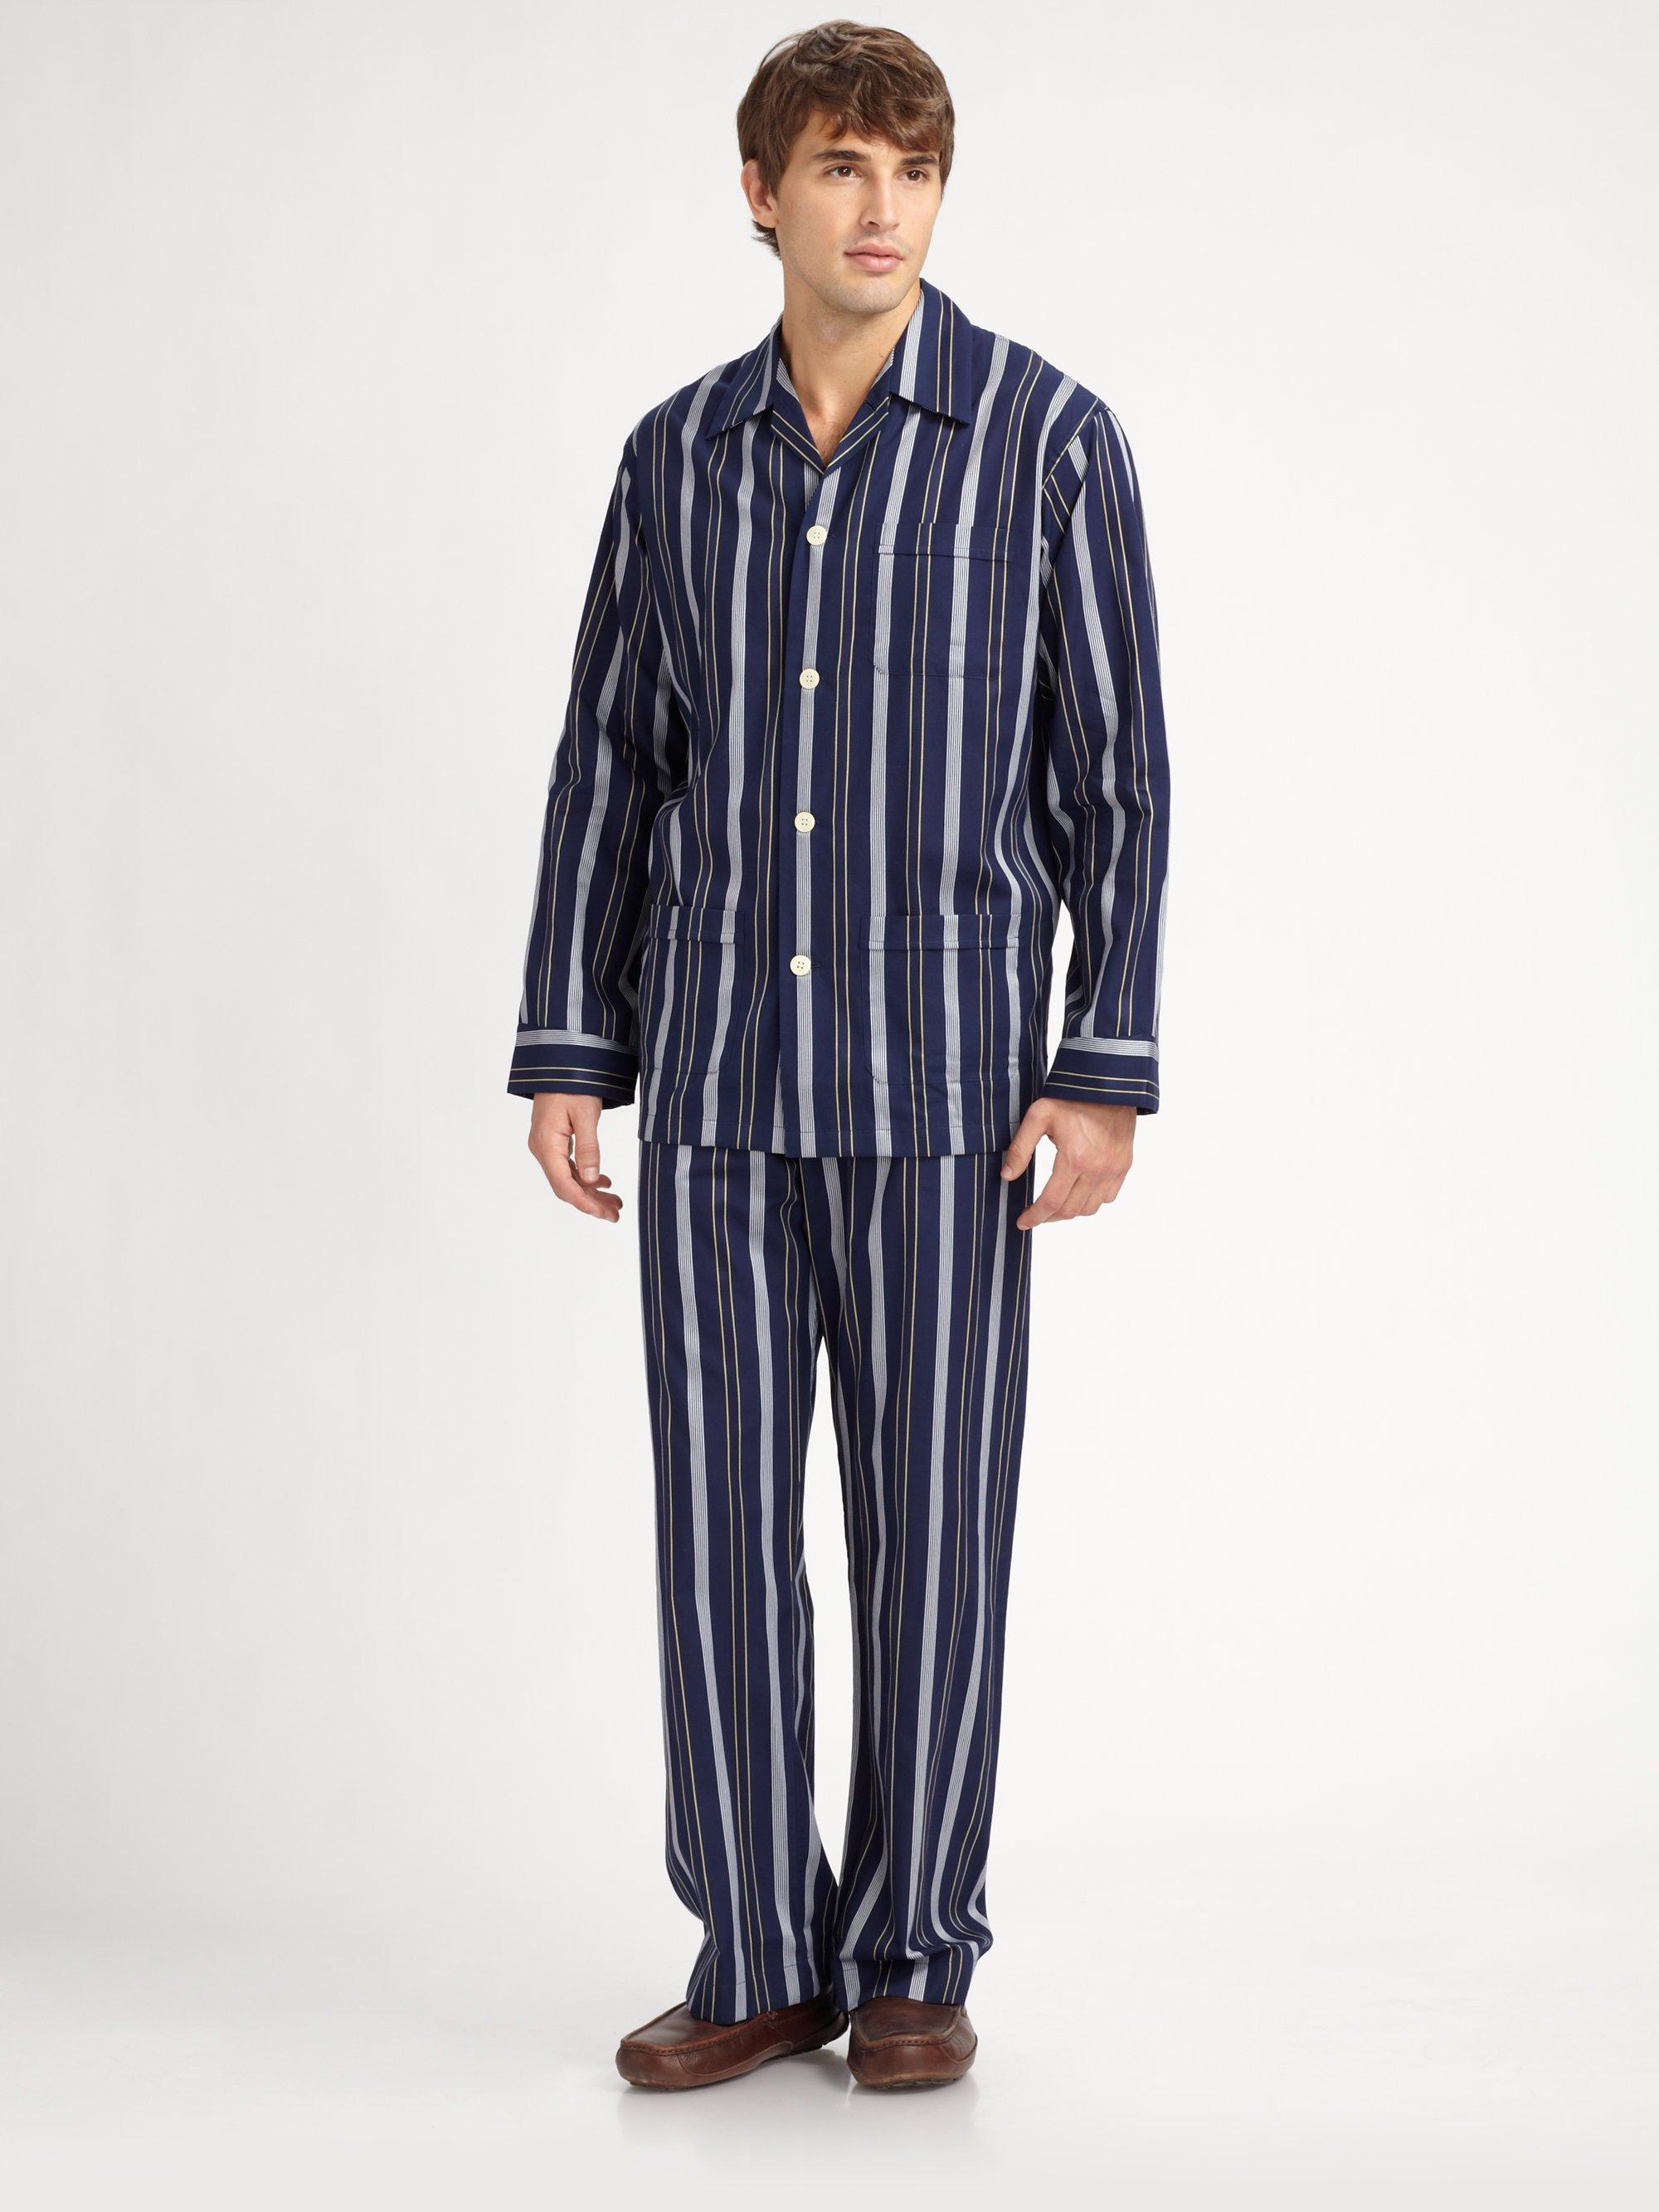 derek-rose-navy-eton-striped-pajamas-set